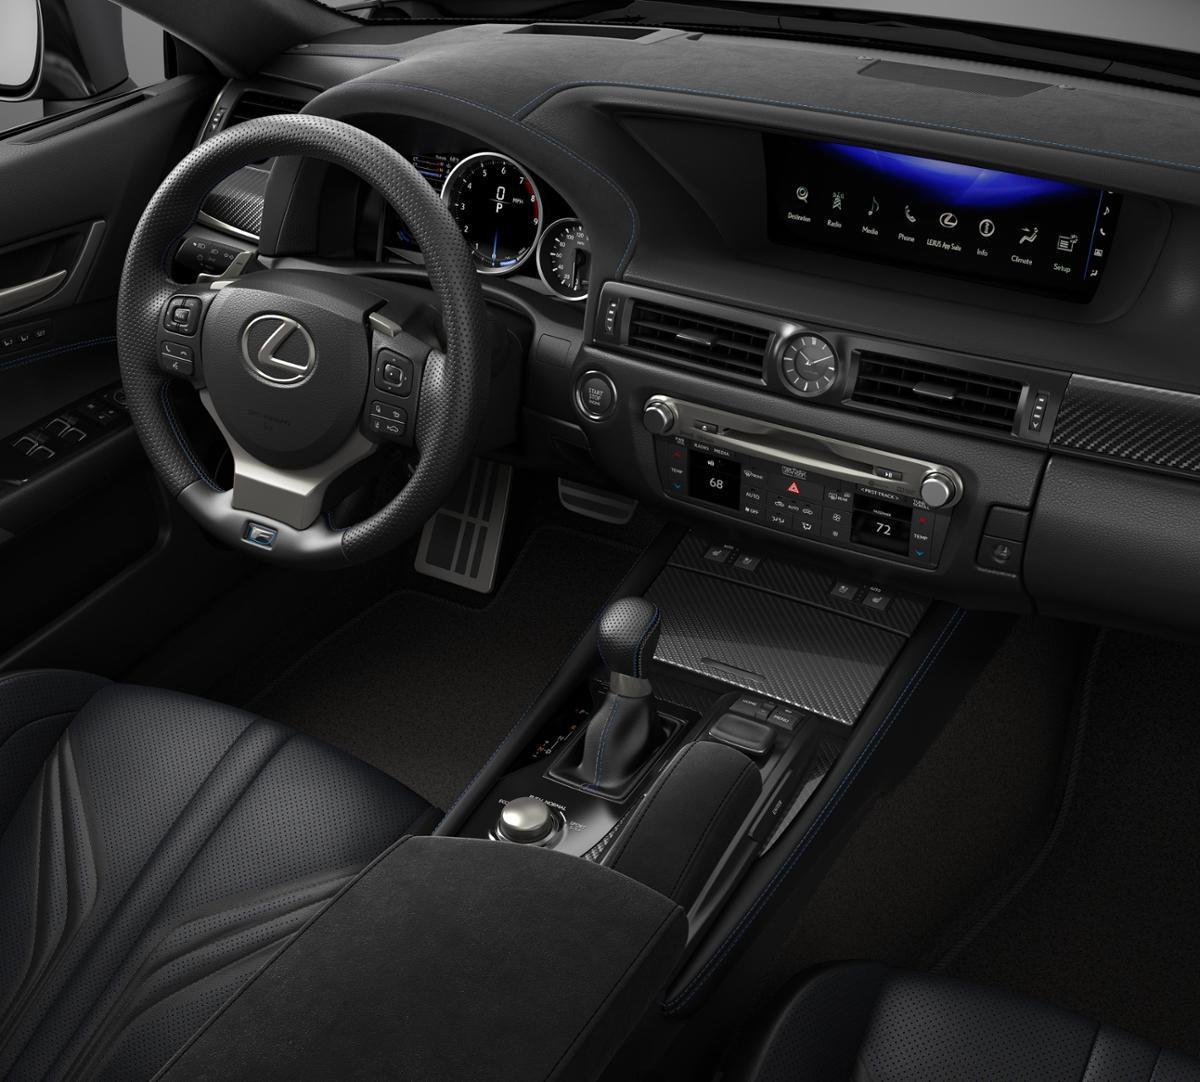 Lexus Gs For Sale: Nashville Ultrasonic Blue Mica 2018 Lexus GS F: New Car